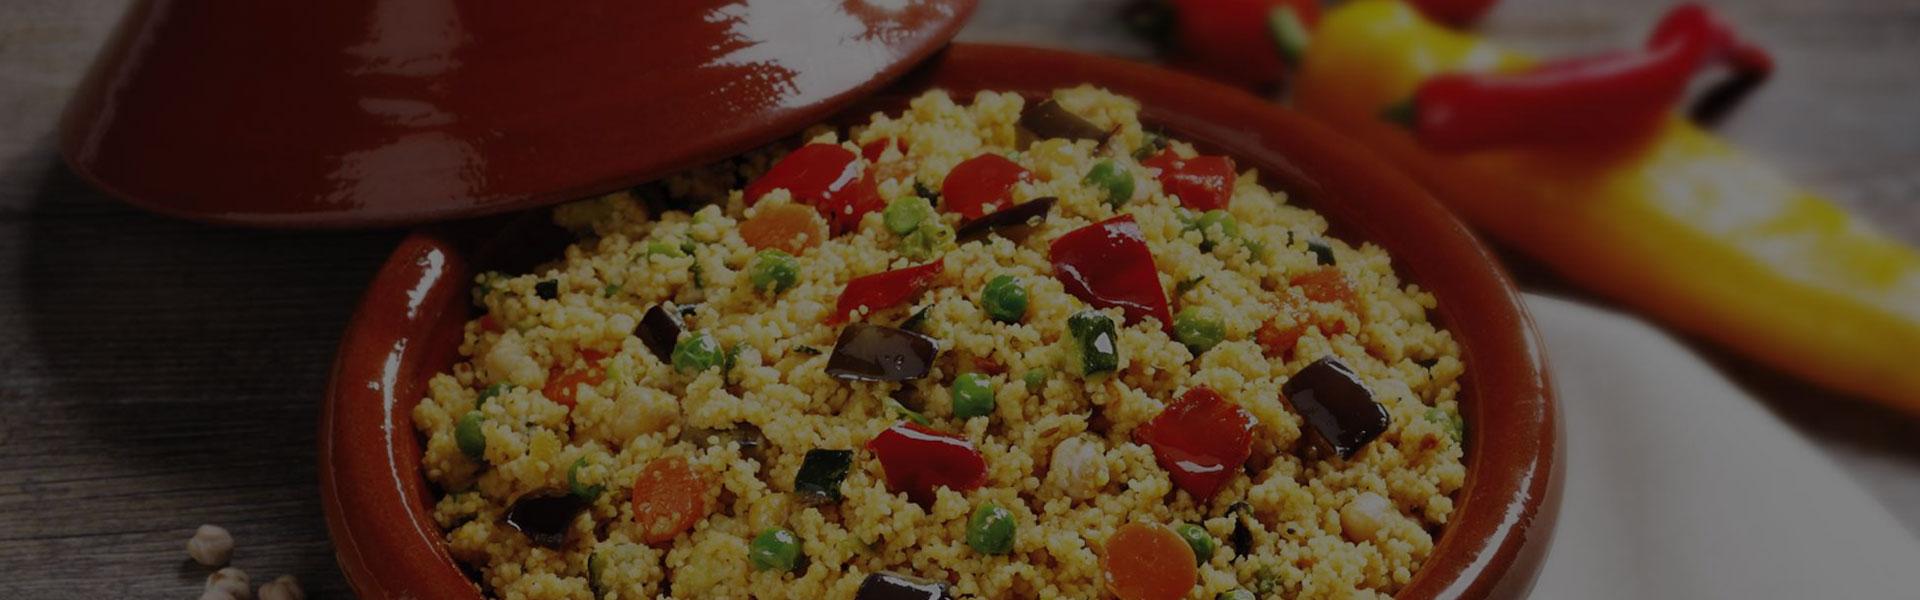 Cucina marocchina zenandcook for Cucina arredi genova corso perrone